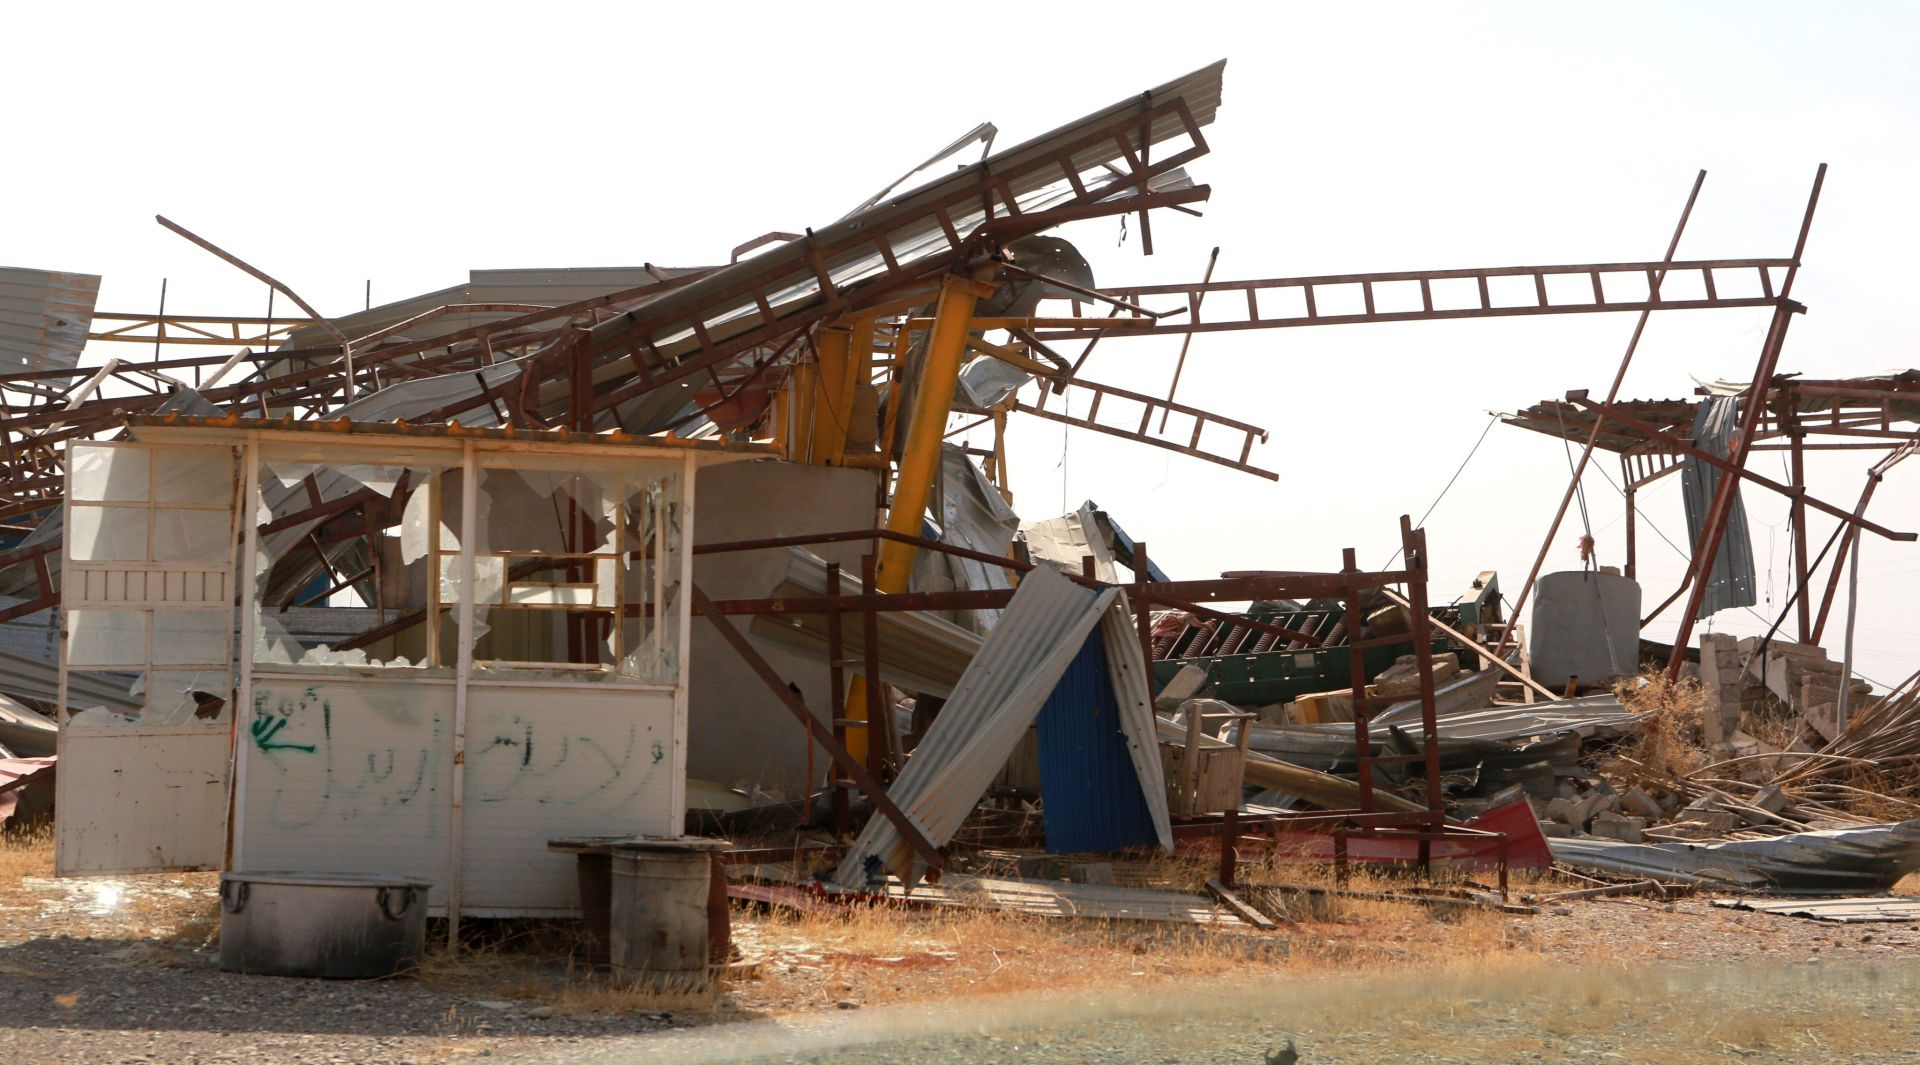 IRAK Eksplozija autobombe na tržnici u Bagdadu, poginulo devet osoba